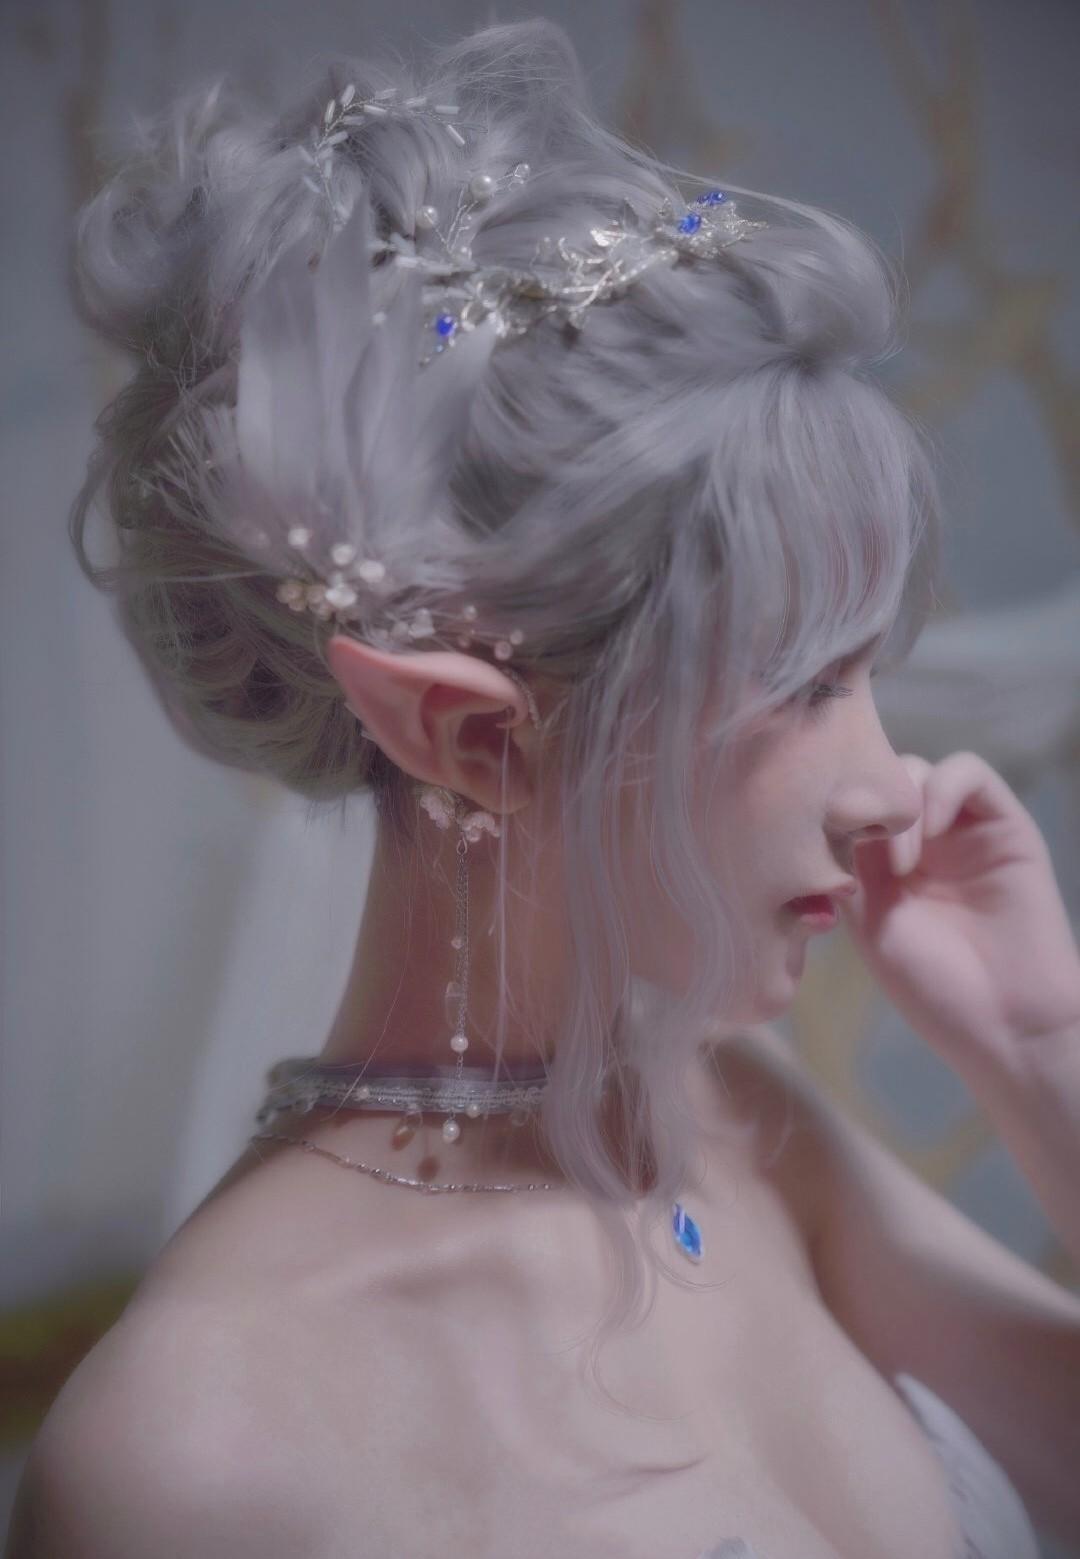 【COS】鬼刀-冰公主cn:maou_0618 -第1张